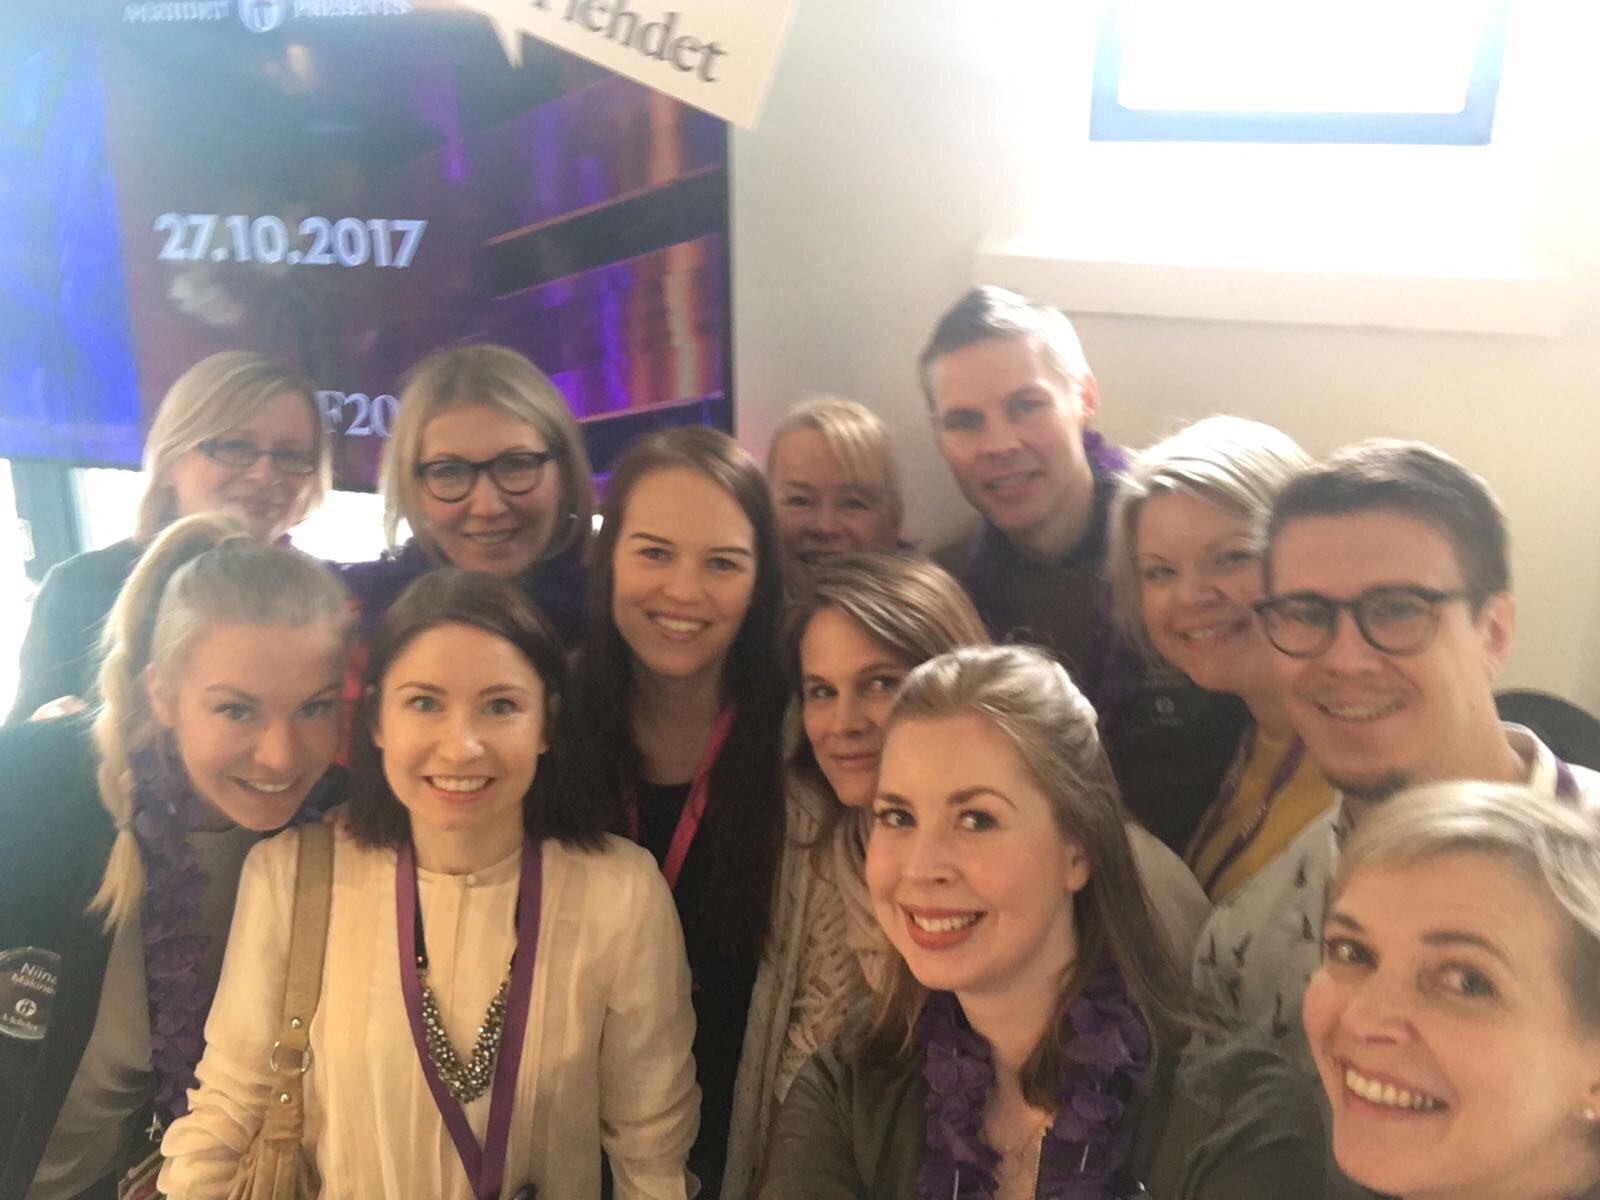 Tästä lähtee #PingHelsinki Huippupäivä edessä! Tulkaahan moikkaileen meitä #tbaf2017 -ständeille #vaikuttajamarkkinointi #alehdet https://t.co/mLhyvR0X82